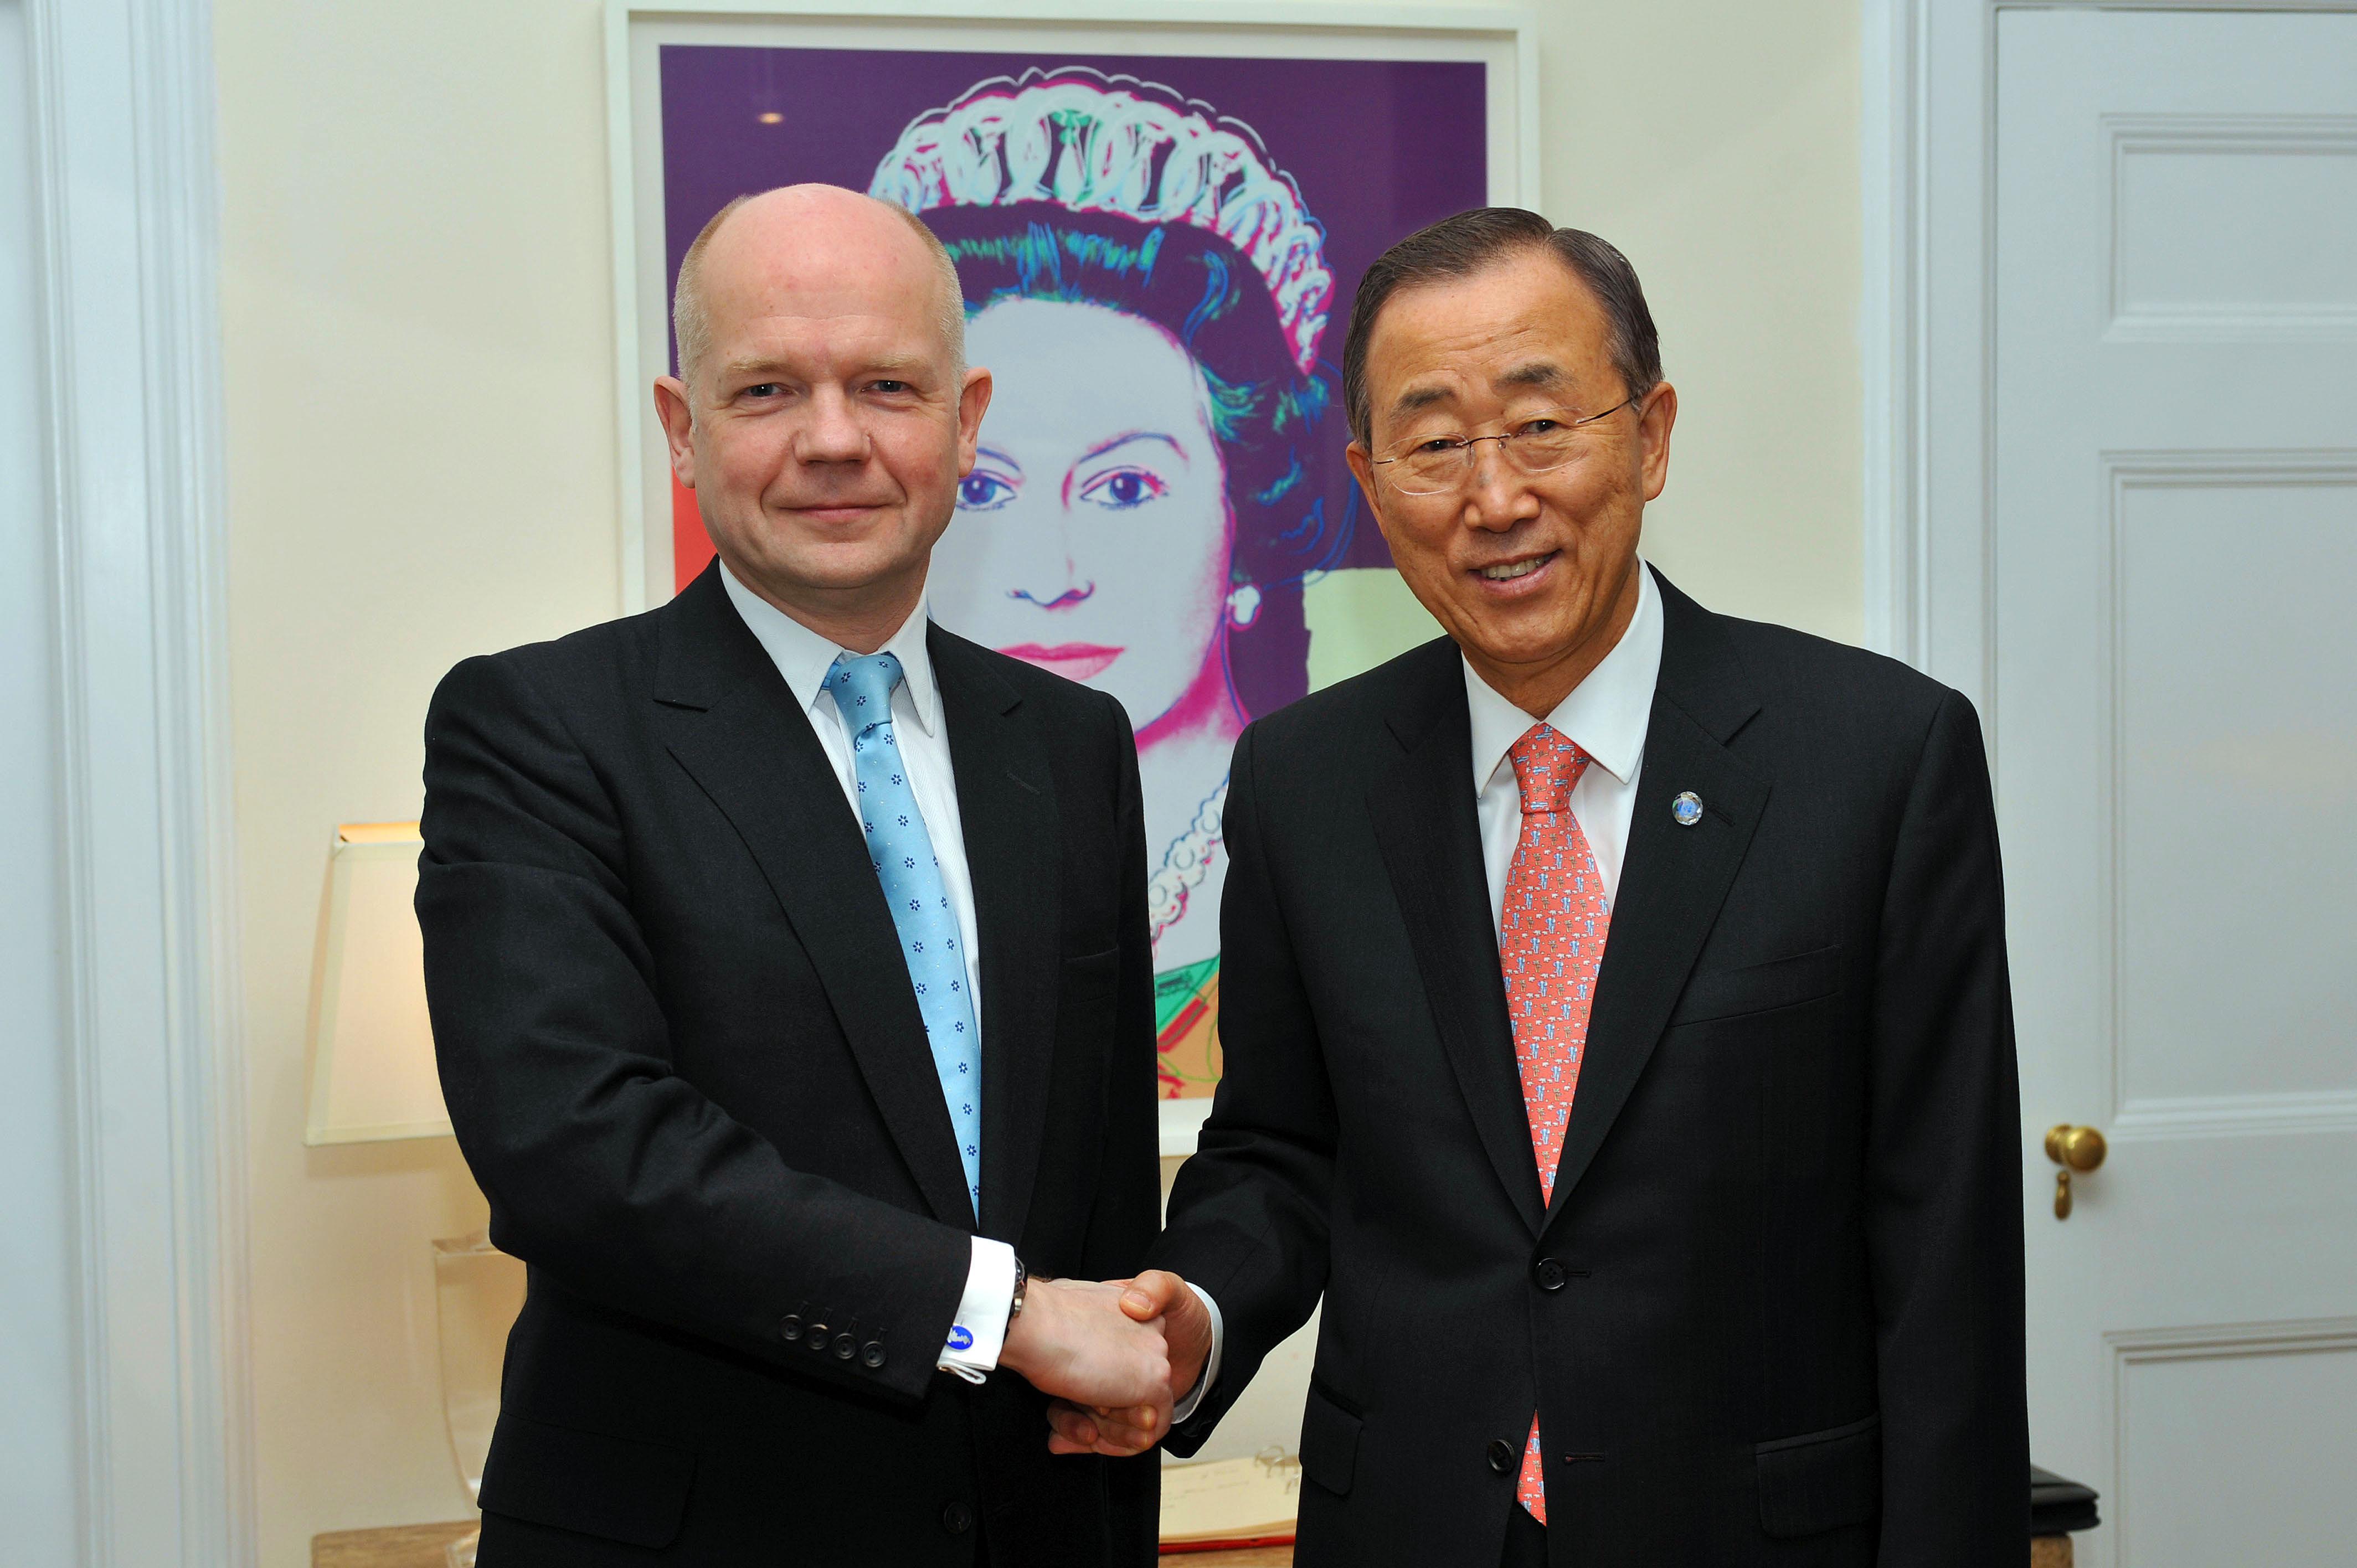 William Hague and Ban Ki-moon